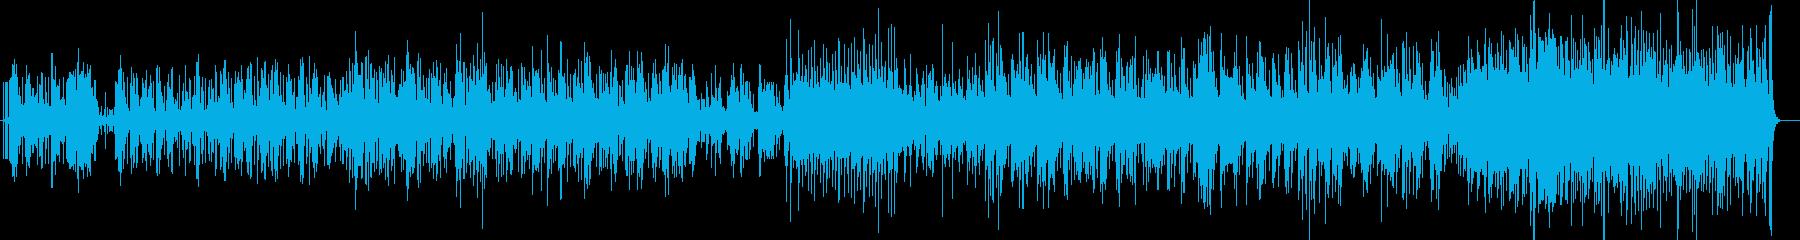 フラメンコのリズムを基調とした爽やかな曲の再生済みの波形